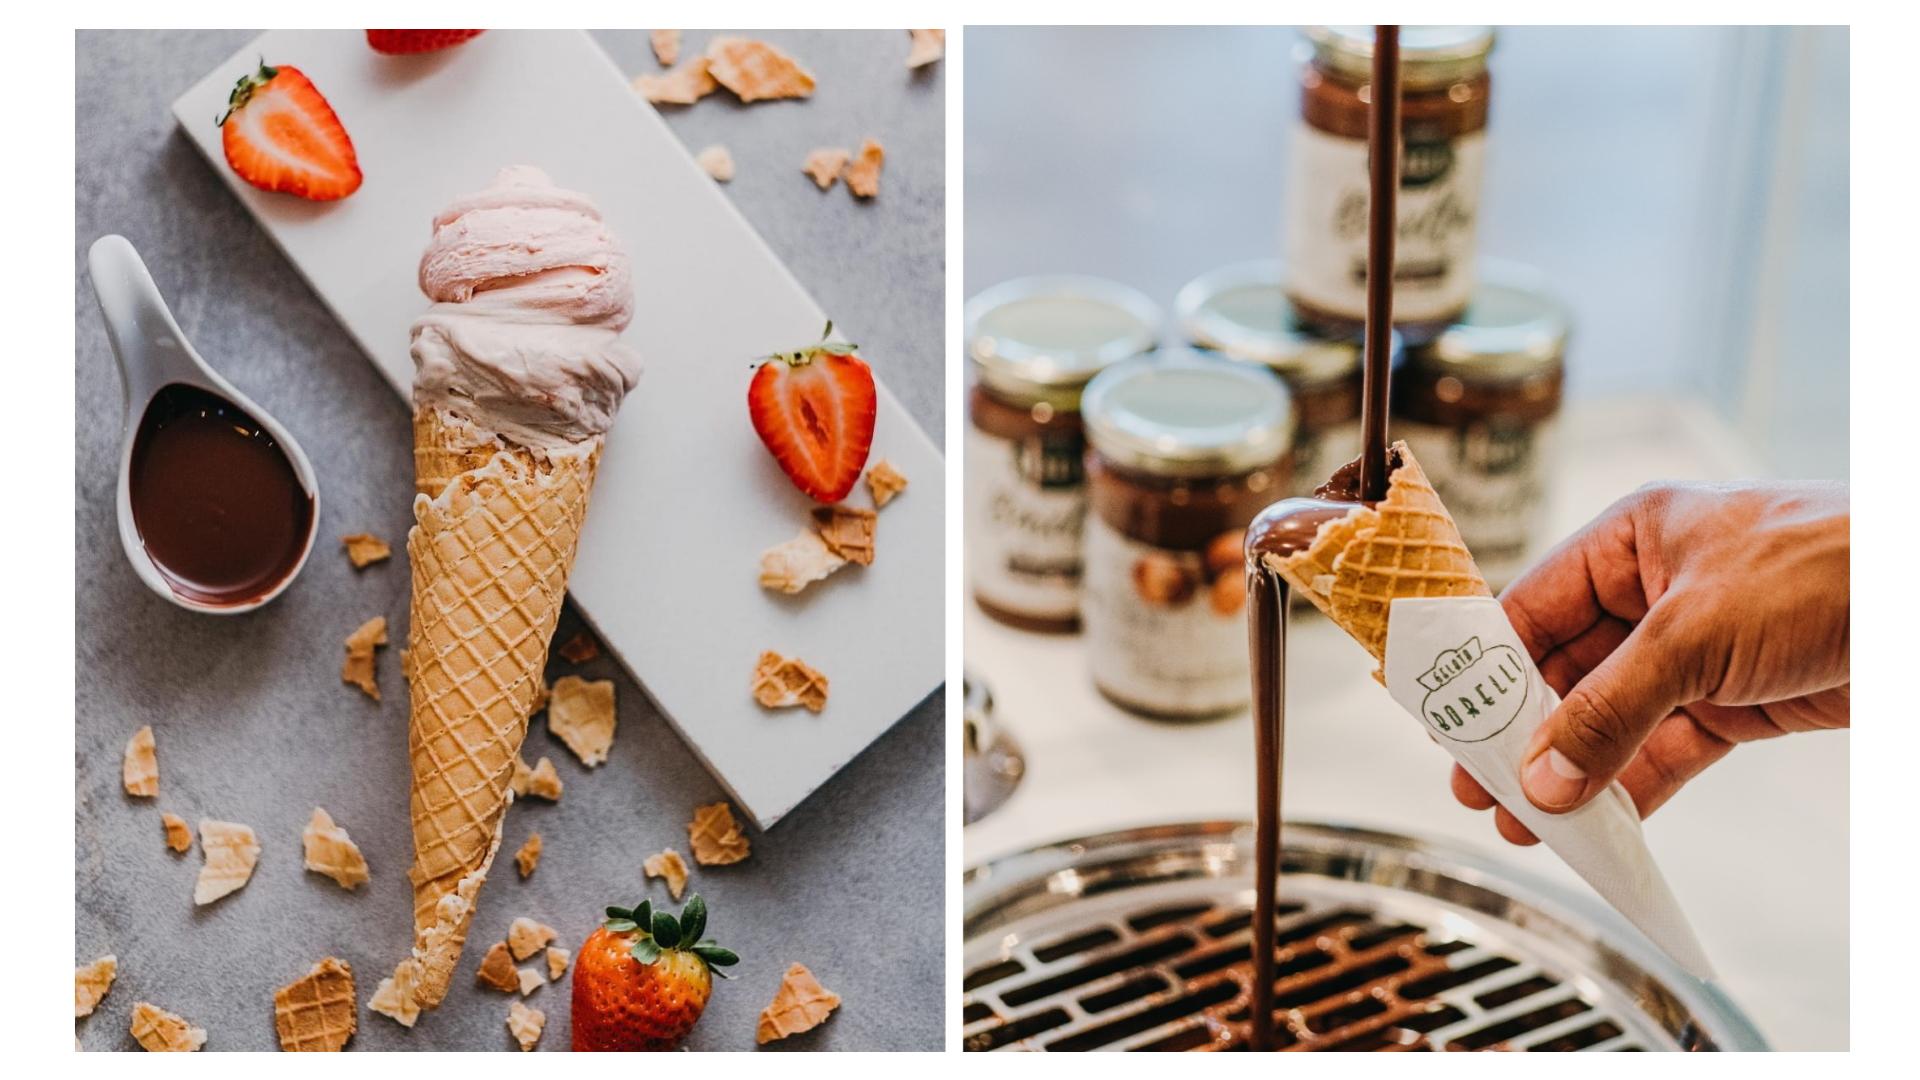 Receitas exclusivas e ingredientes de qualidade, aliados ao preparo artesanal e com produtos sempre frescos, são os segredos da Gelatos Borelli.